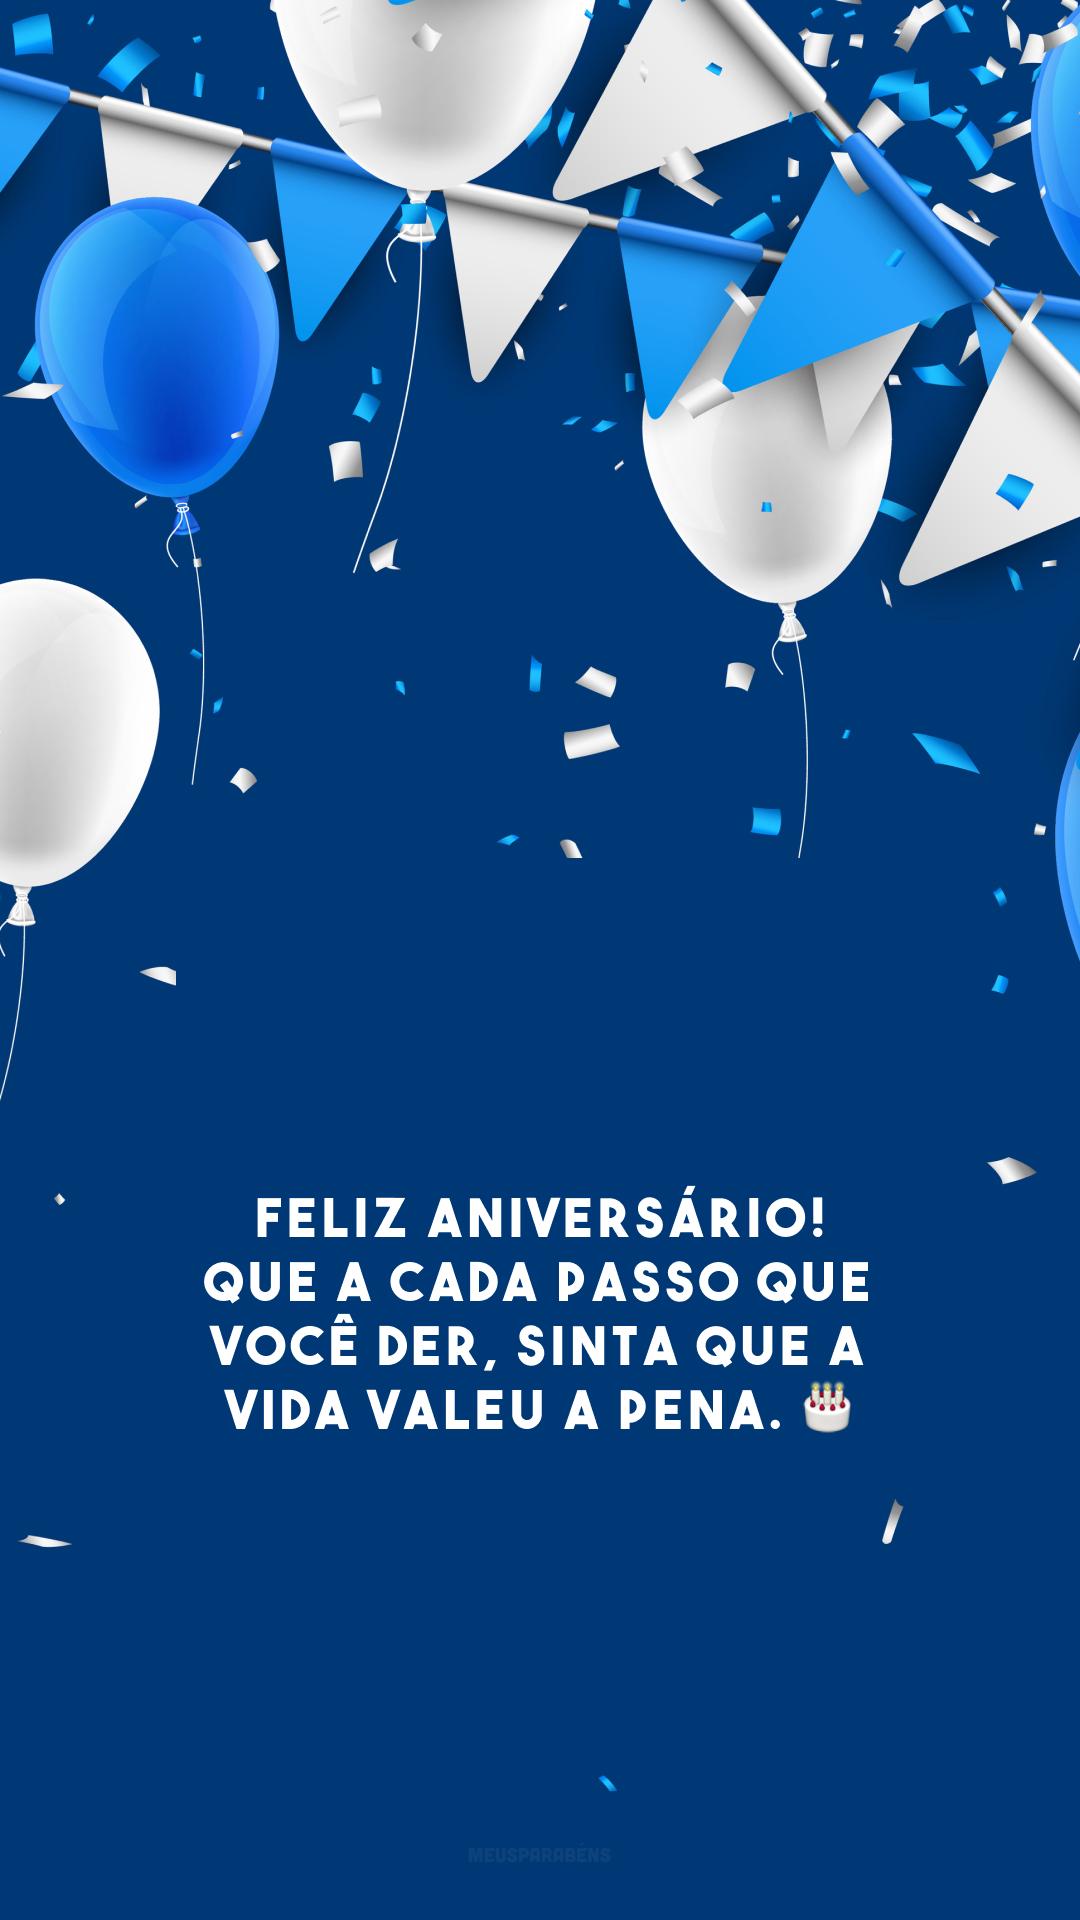 Feliz aniversário! Que a cada passo que você der, sinta que a vida valeu a pena. 🎂